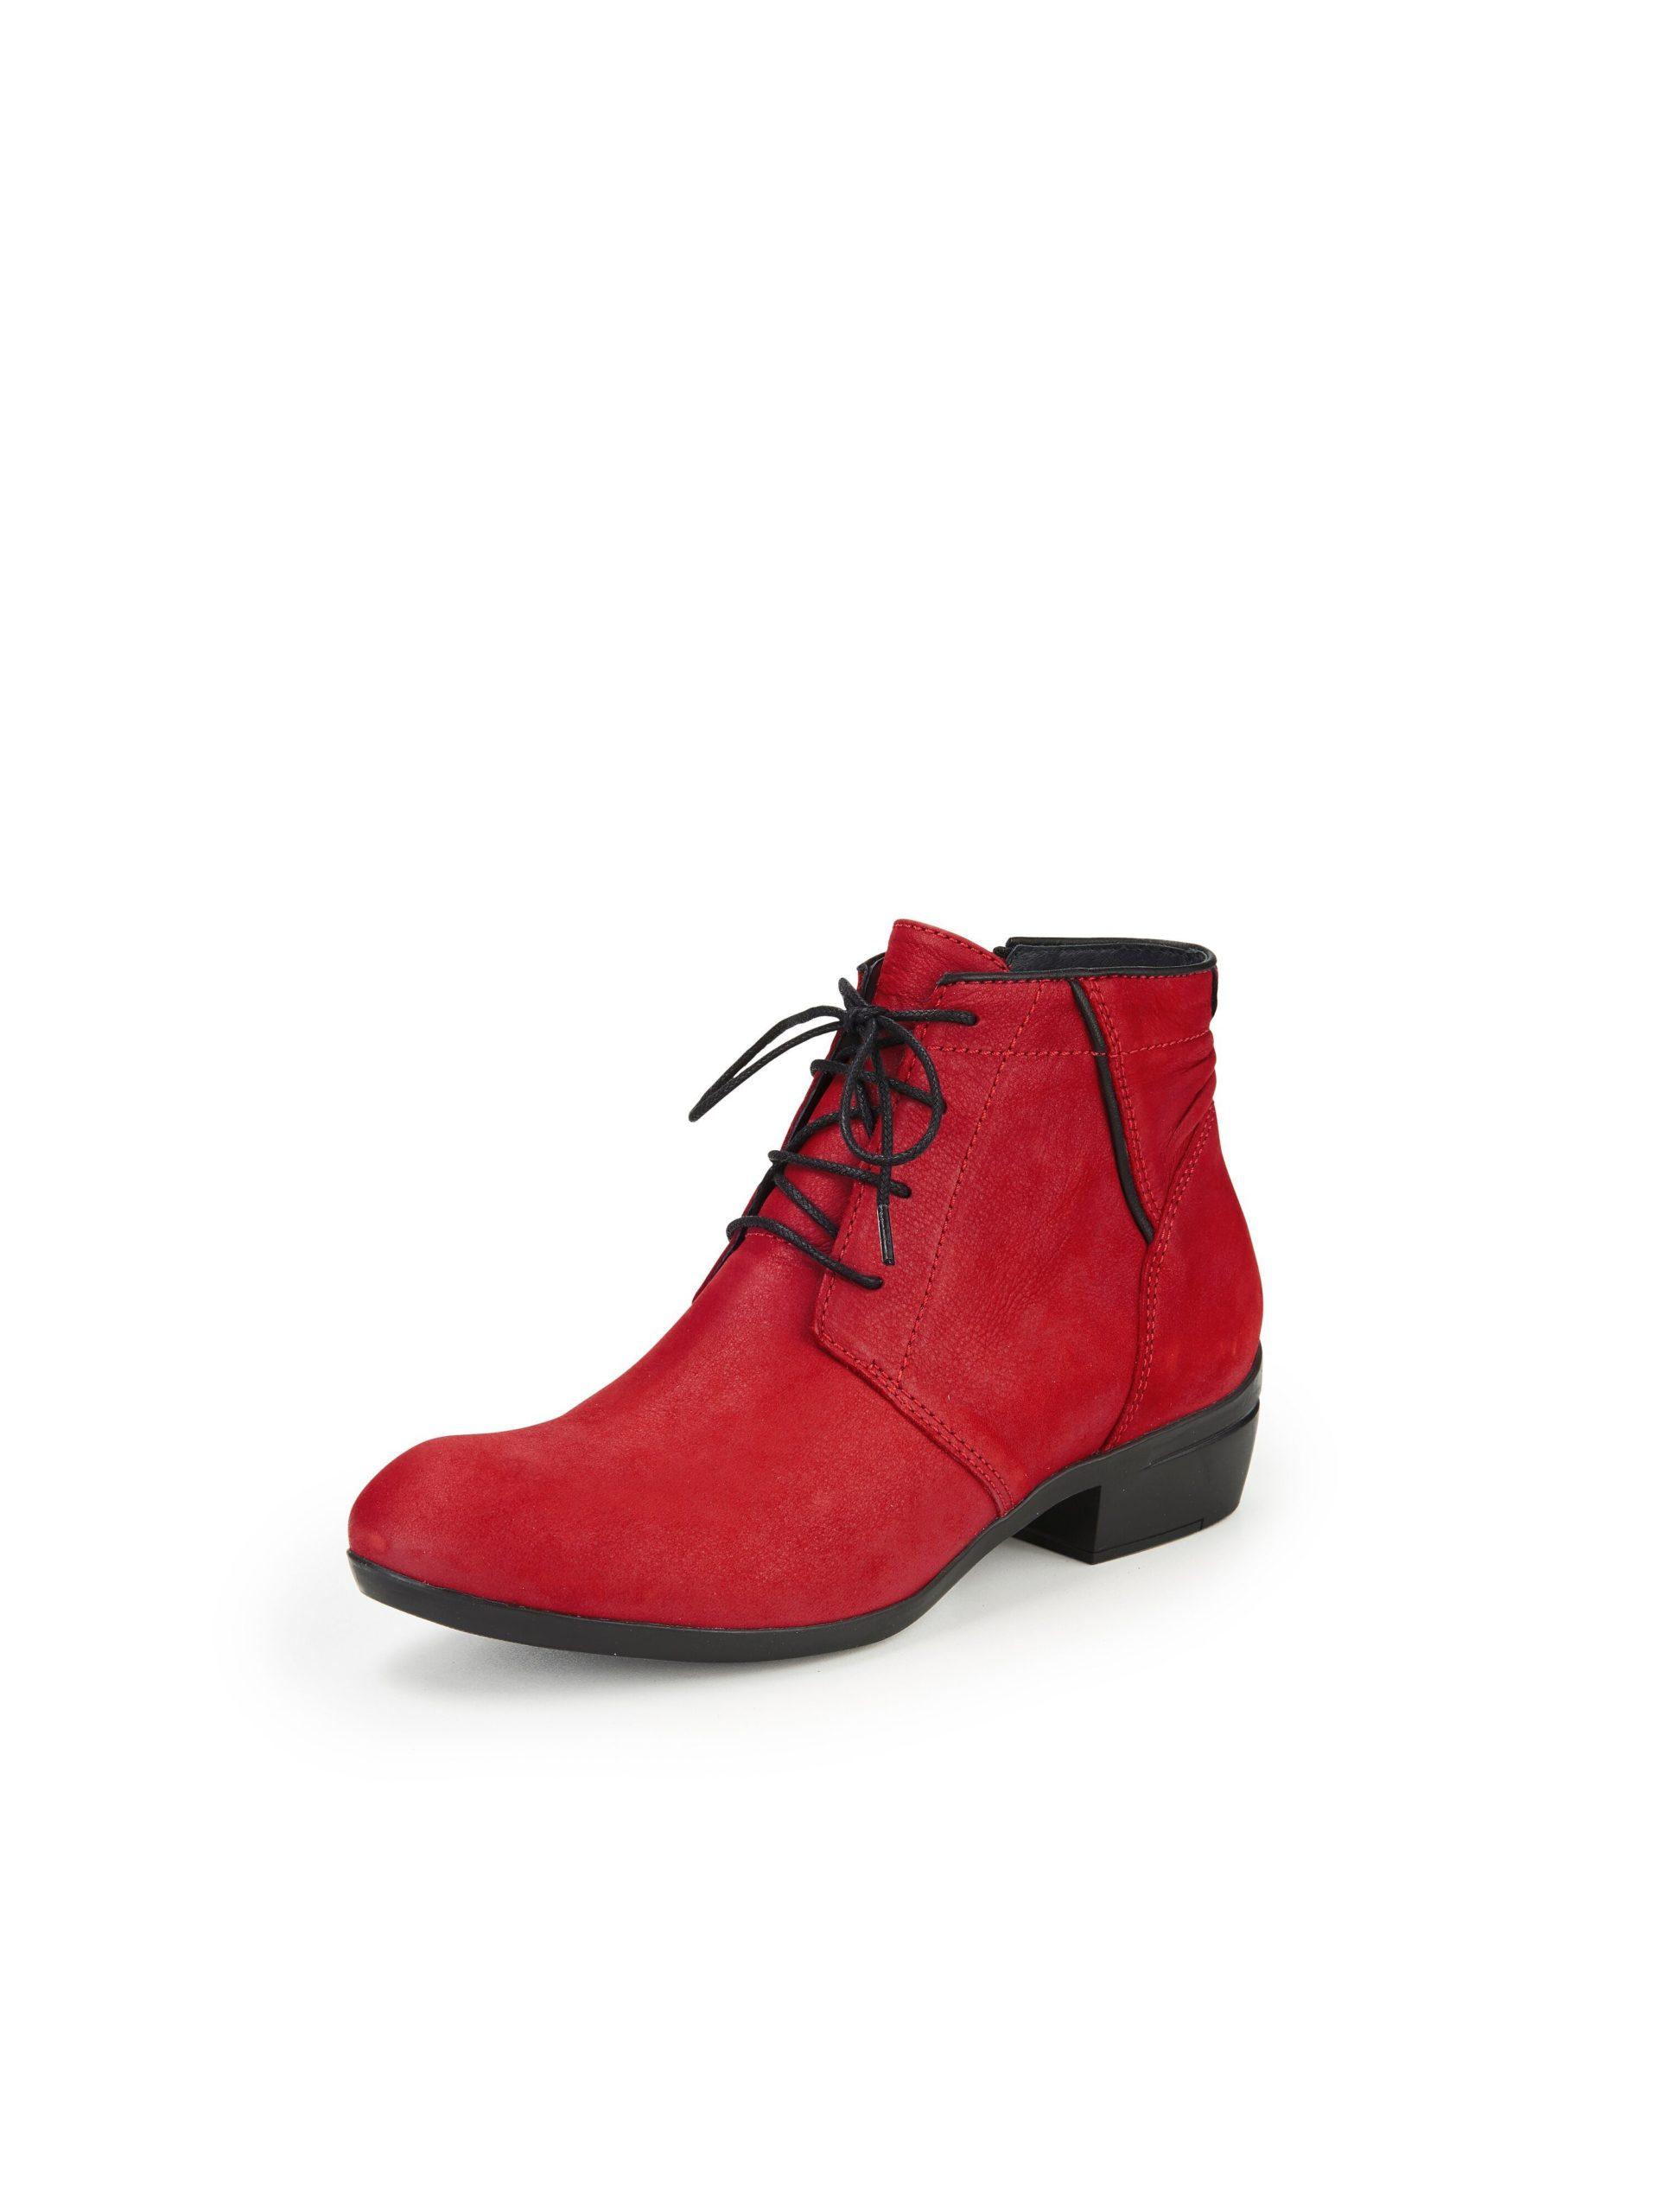 Veterlaarsjes model Buffalo Dance Van Wolky rood Kopen